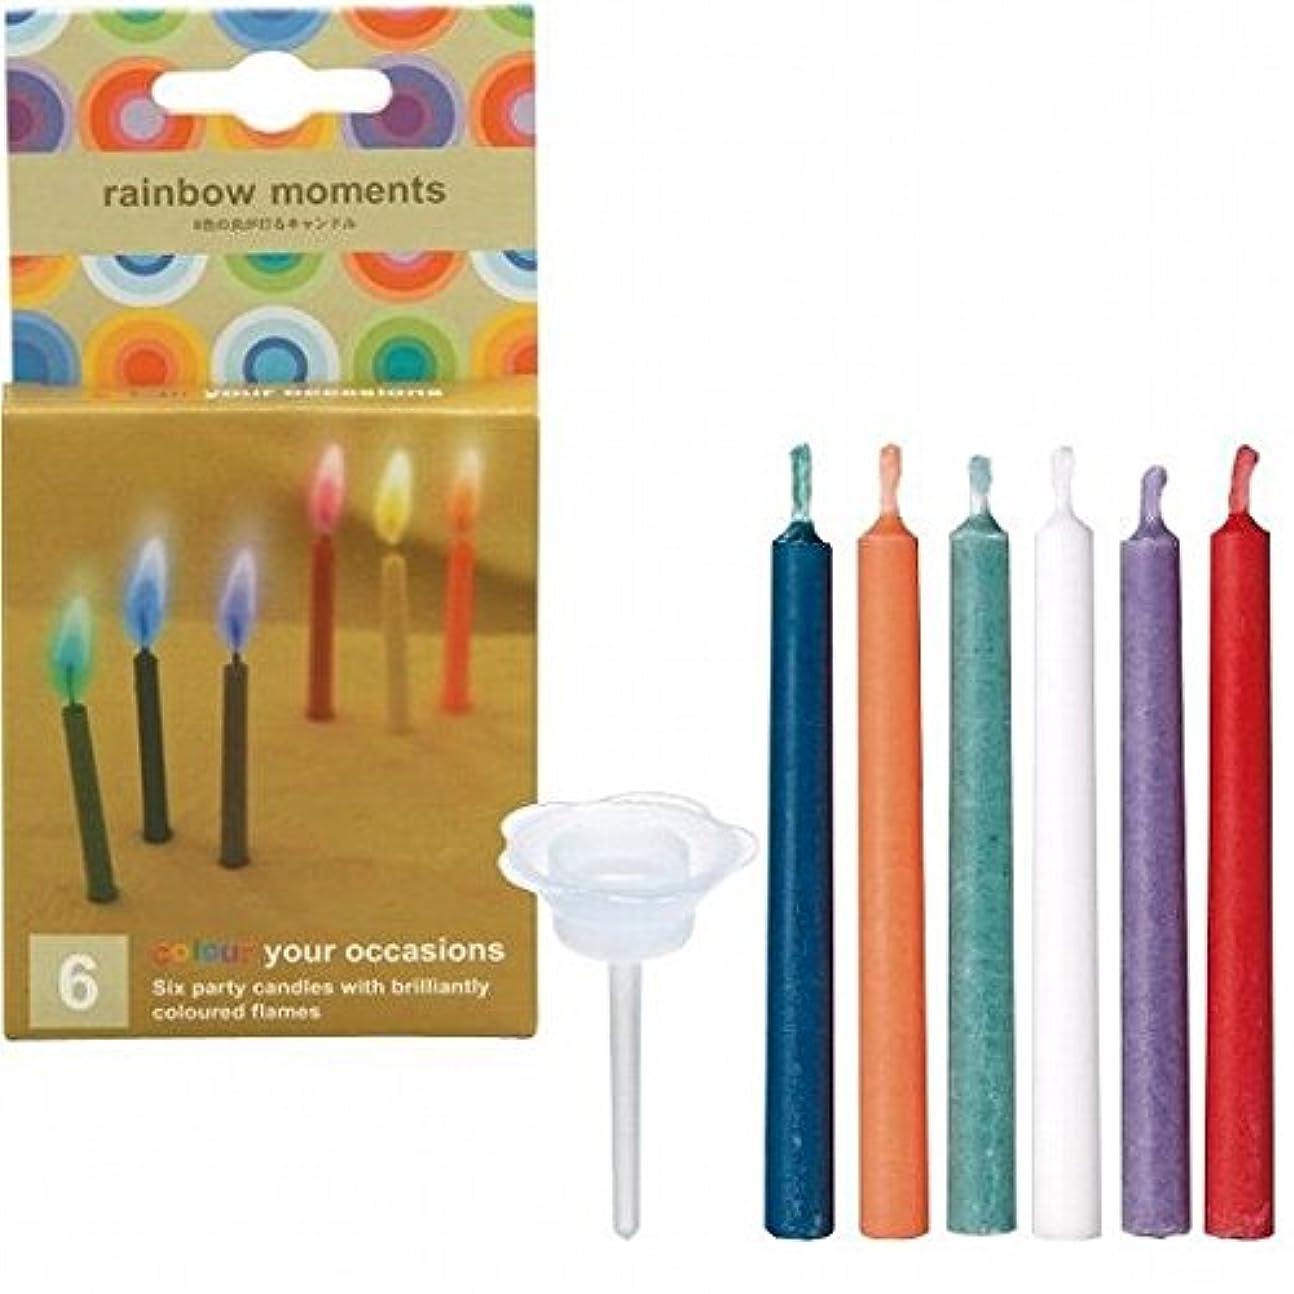 海岸業界ボイラーkameyama candle(カメヤマキャンドル) rainbowmoments(レインボーモーメント)6色6本入り 「 6本入り 」 キャンドル(56050000)